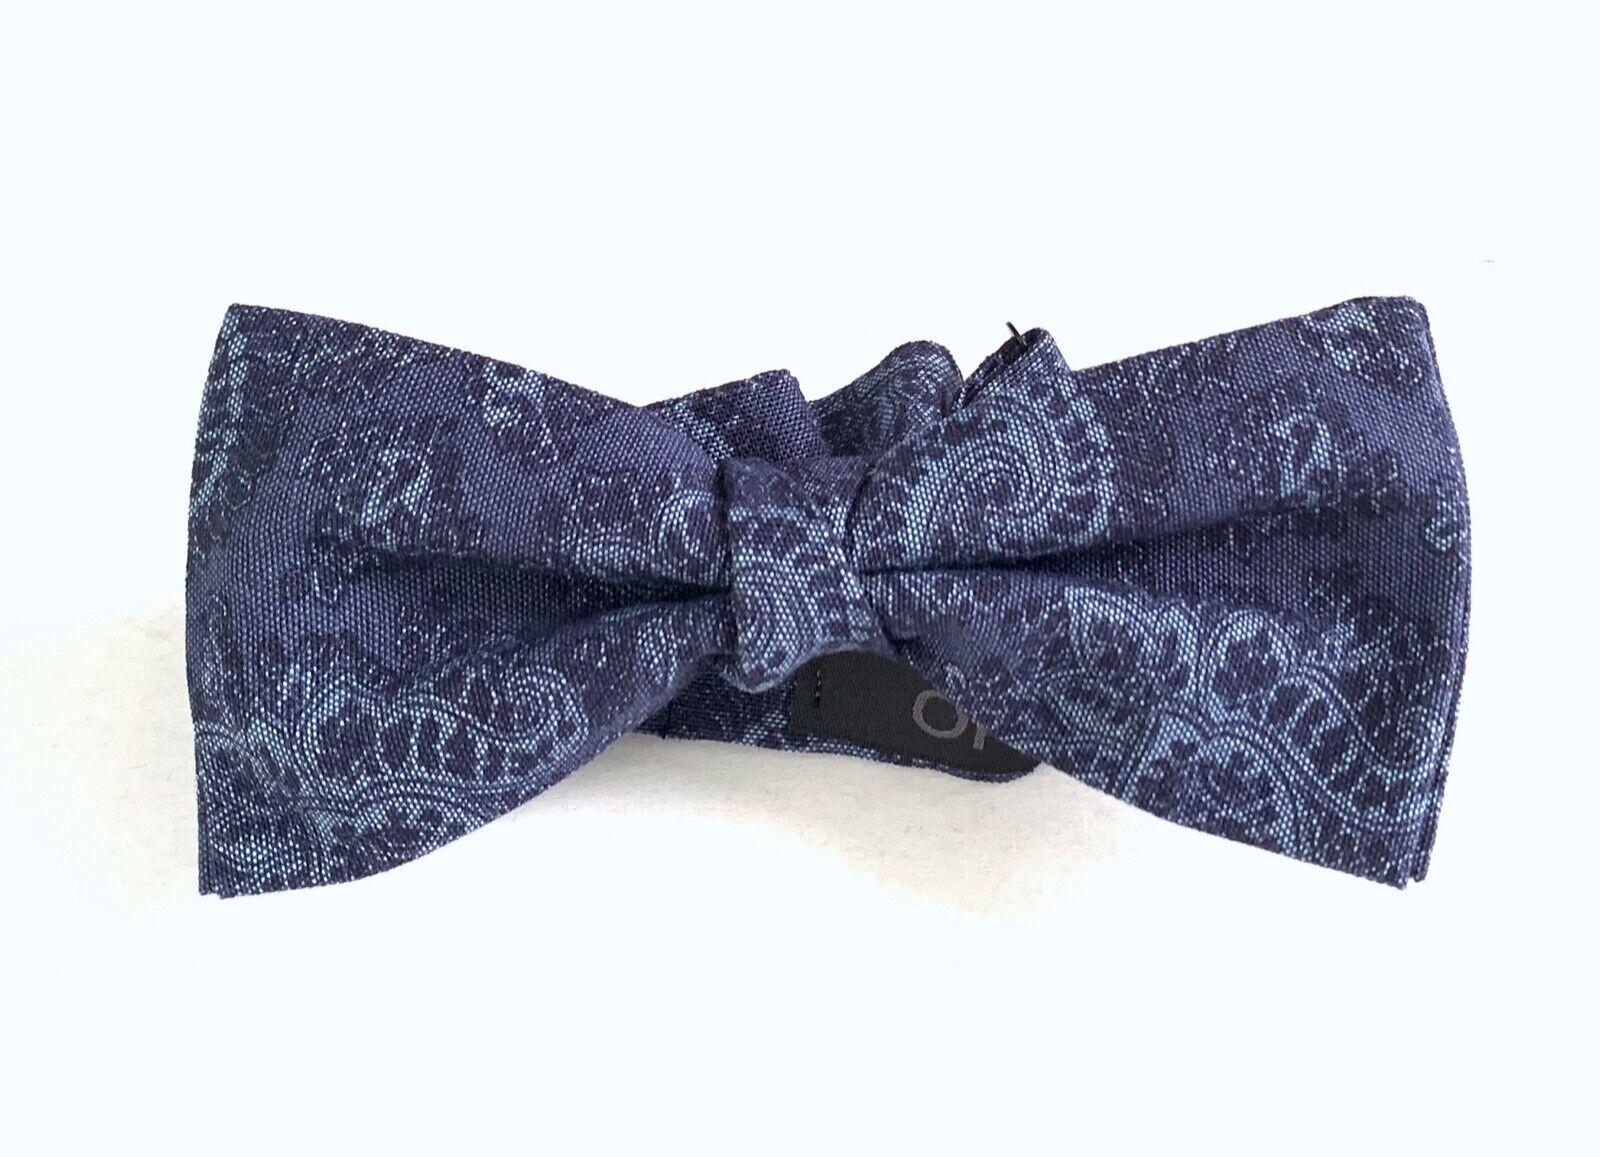 Liu Jo Cash Cotton Bow Tie, Denim, One Size